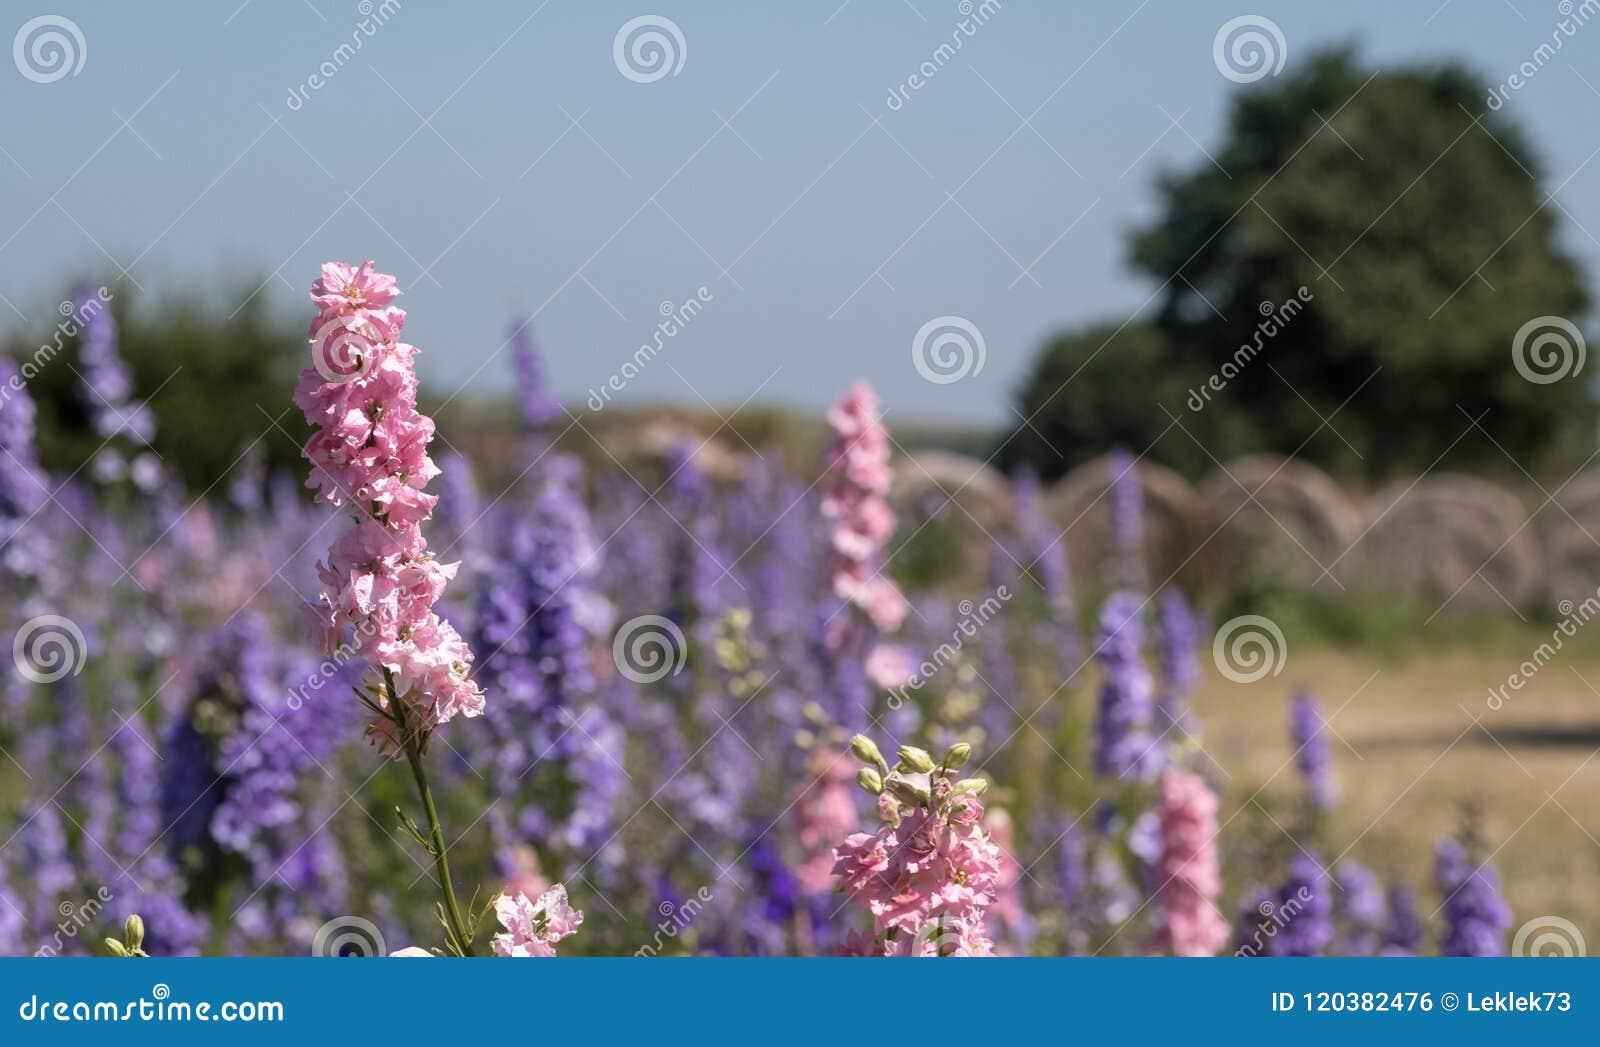 Het gebied van kleurrijk ridderspoor bloeit in Wiek, Pershore, Worcestershire, het UK, met balen van hooi op de achtergrond